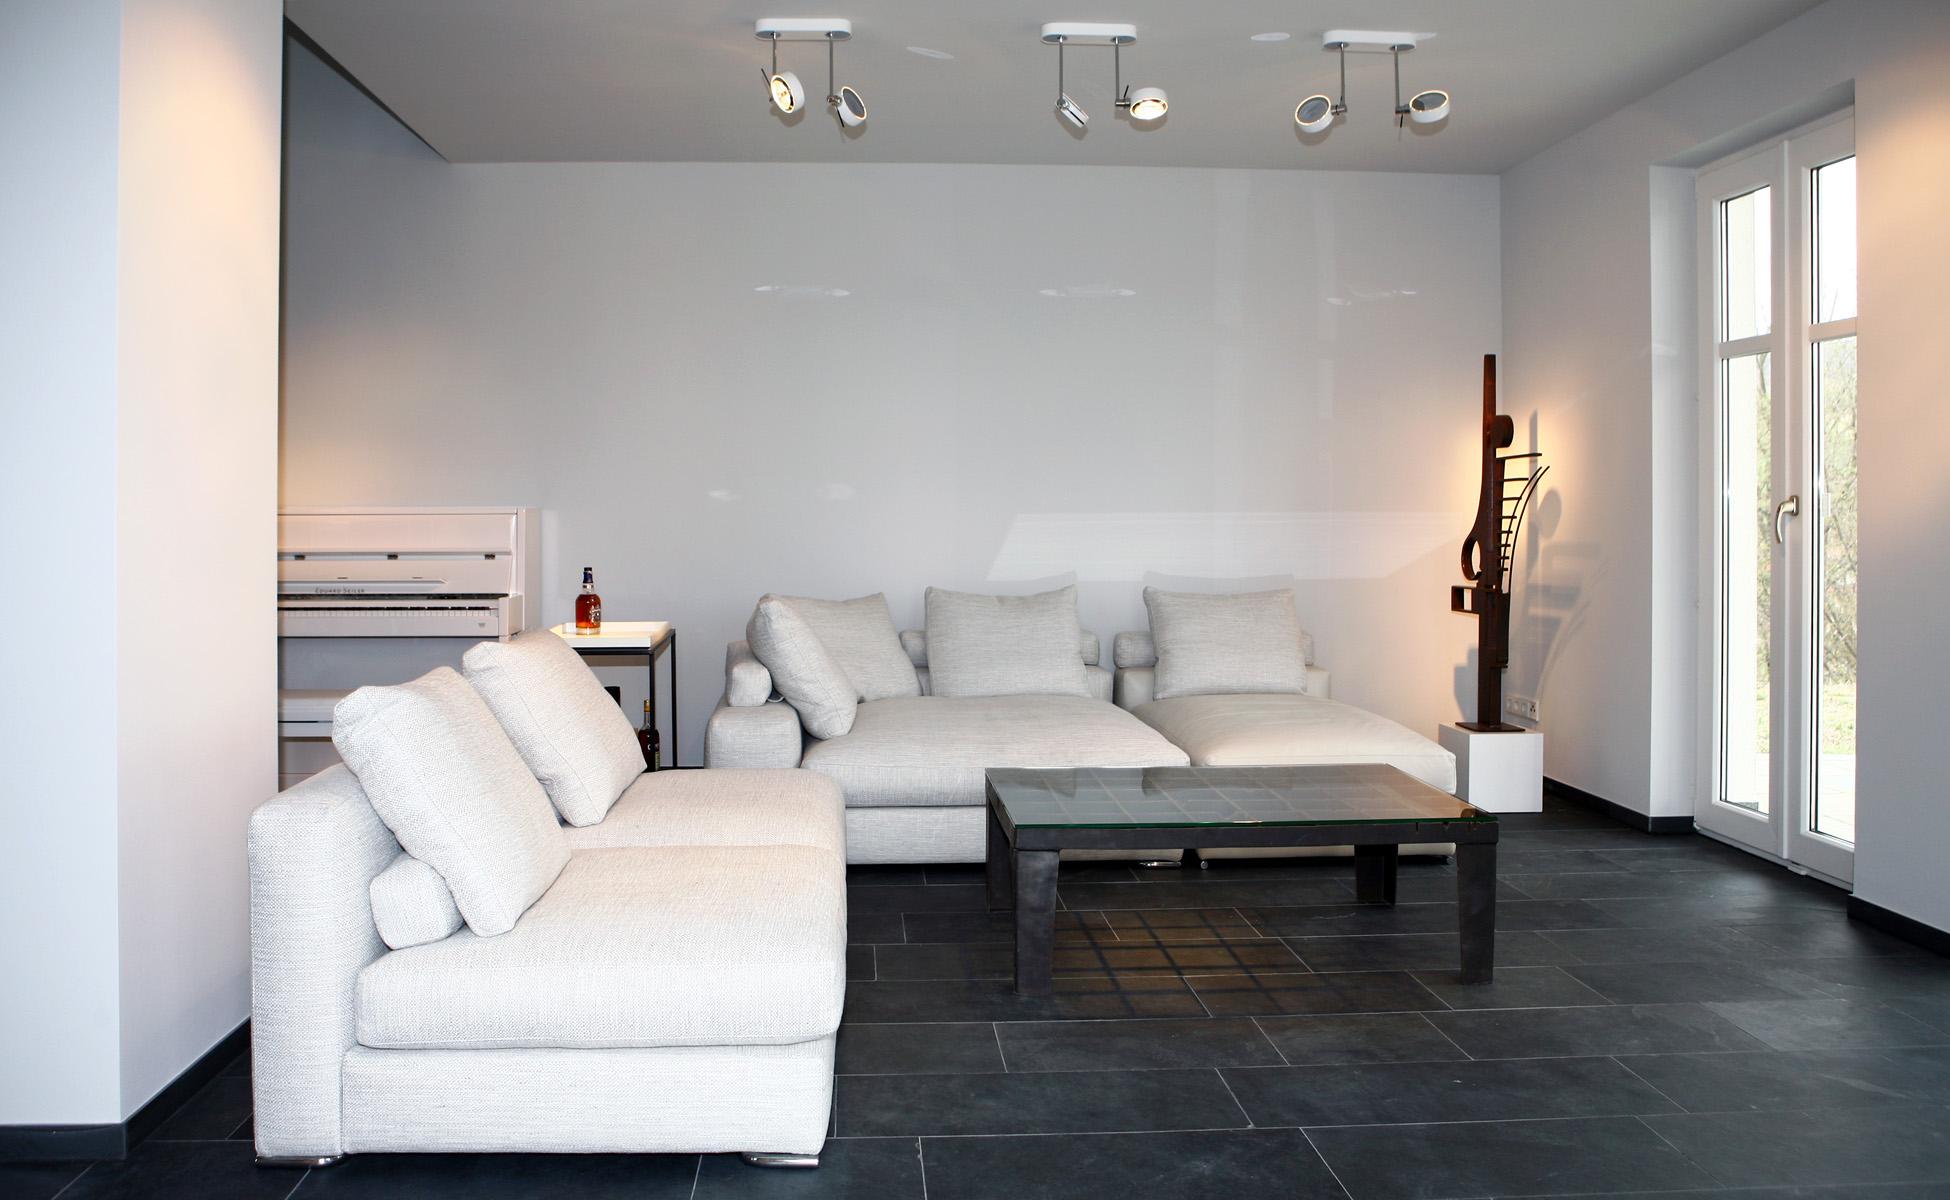 Innenarchitektur + Einrichtung Occhio Sento Leuchten bei steidten+ Berlin